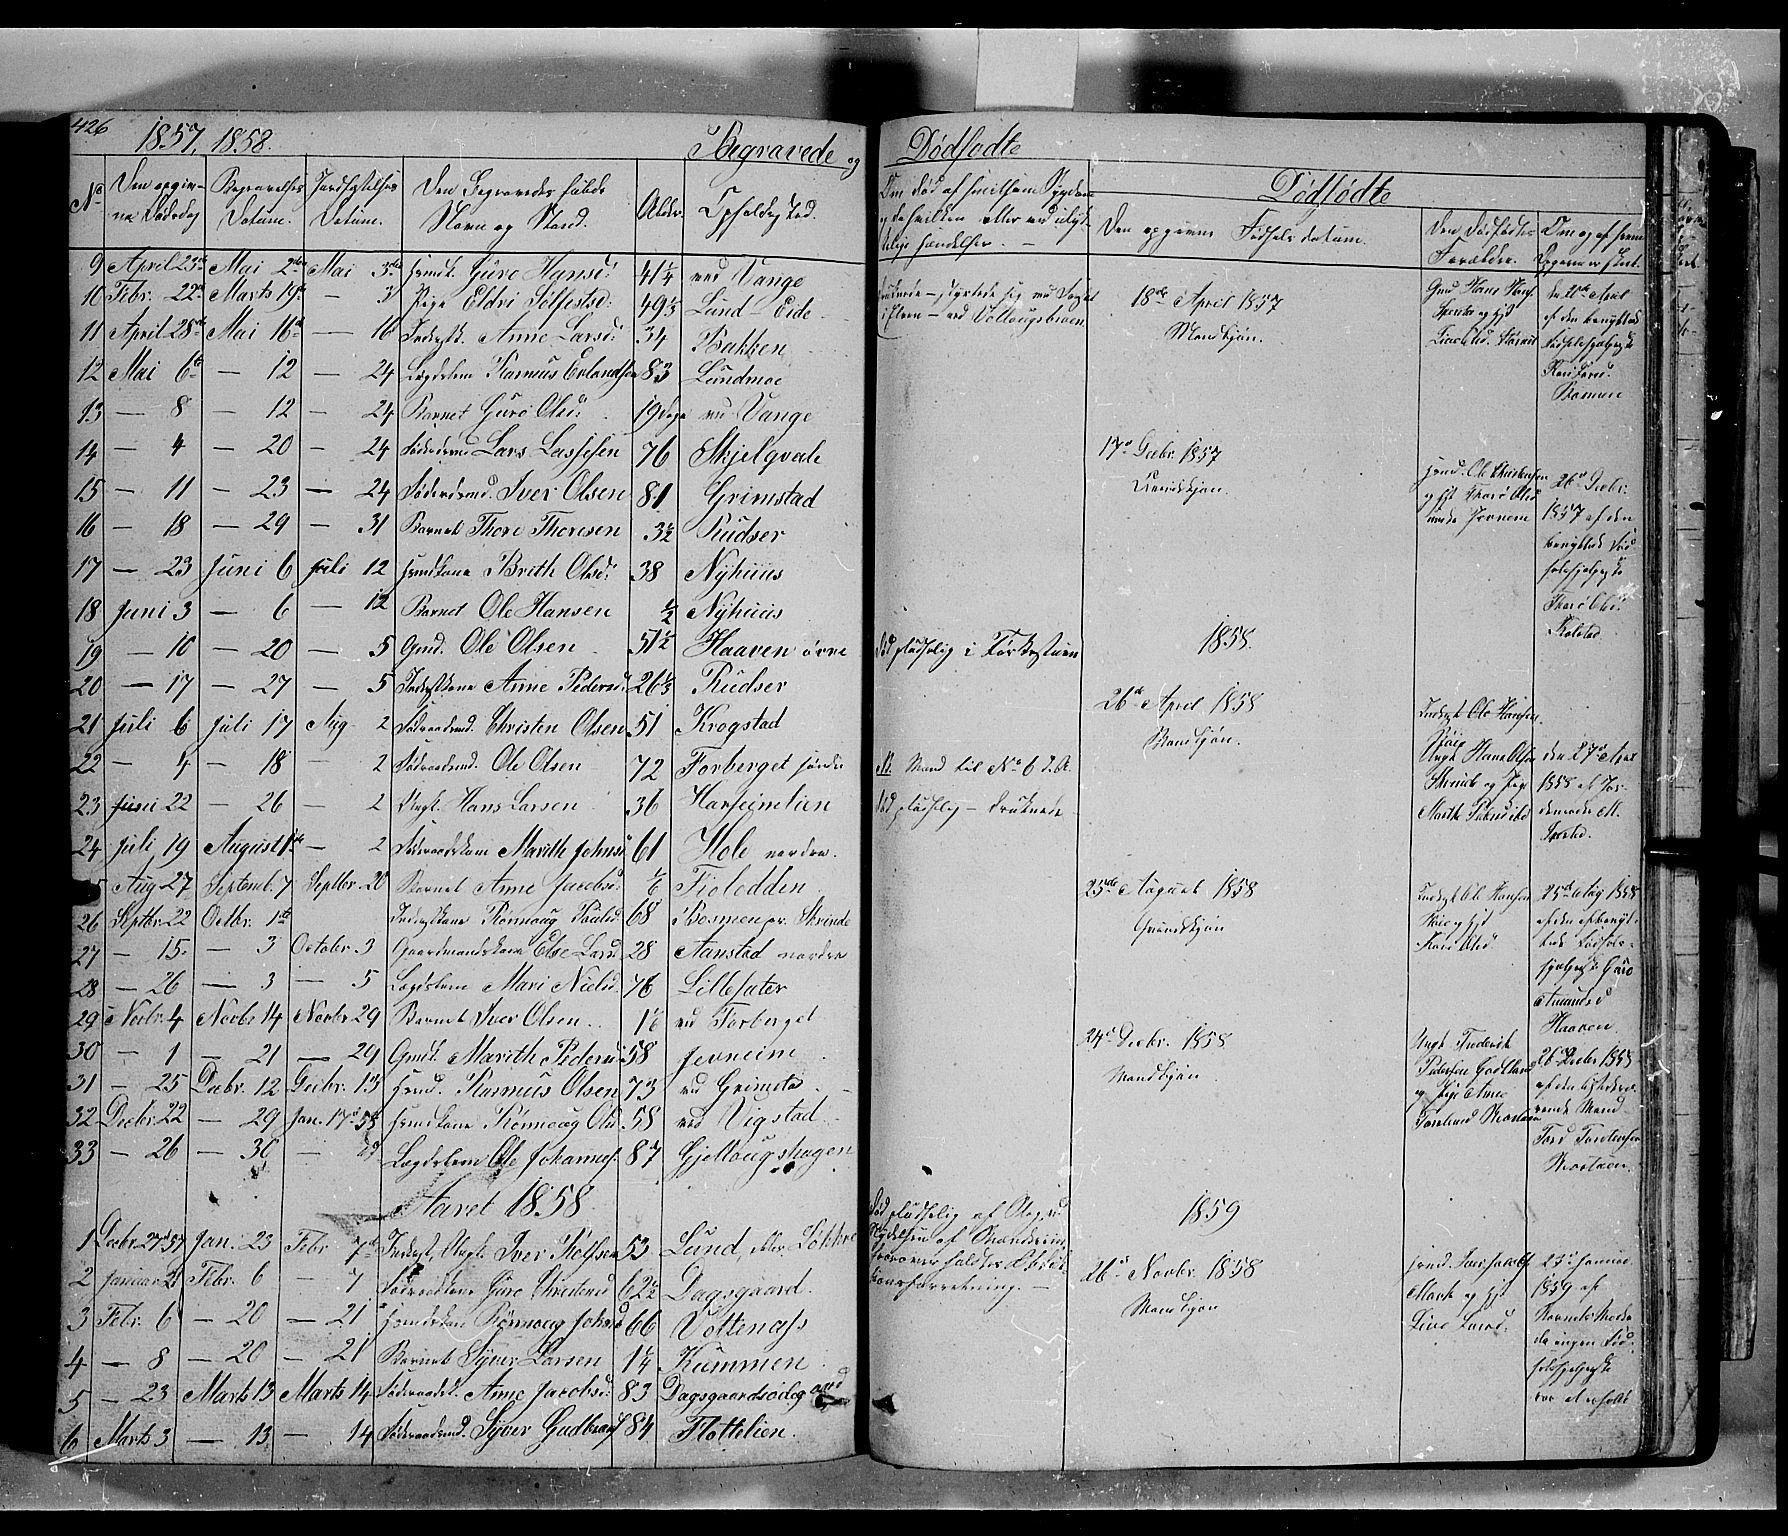 SAH, Lom prestekontor, L/L0004: Klokkerbok nr. 4, 1845-1864, s. 426-427